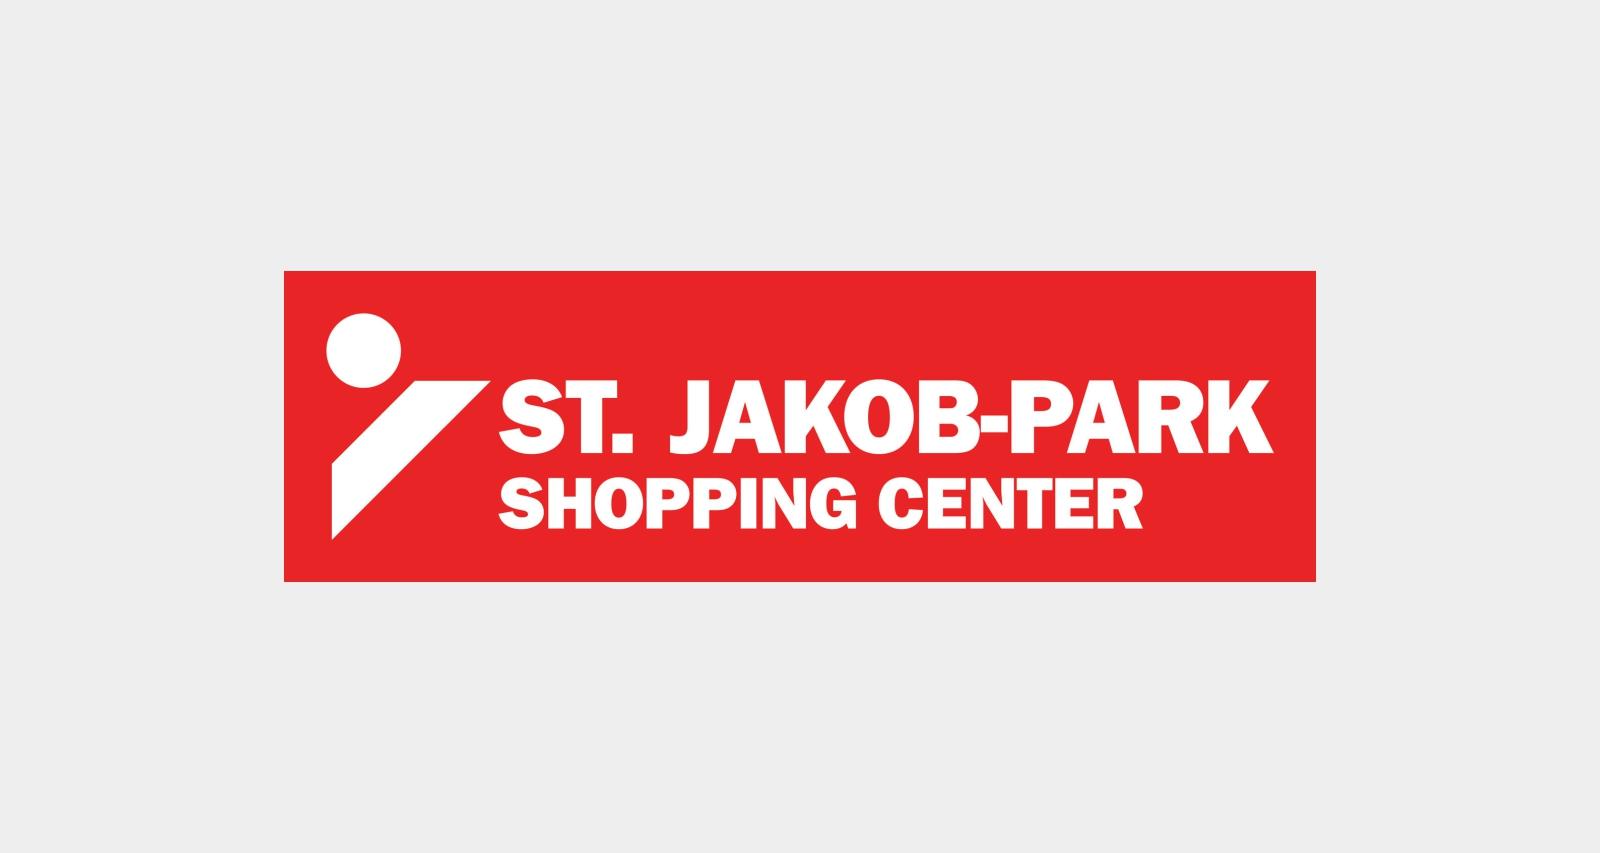 ST. JAKOB-PARK